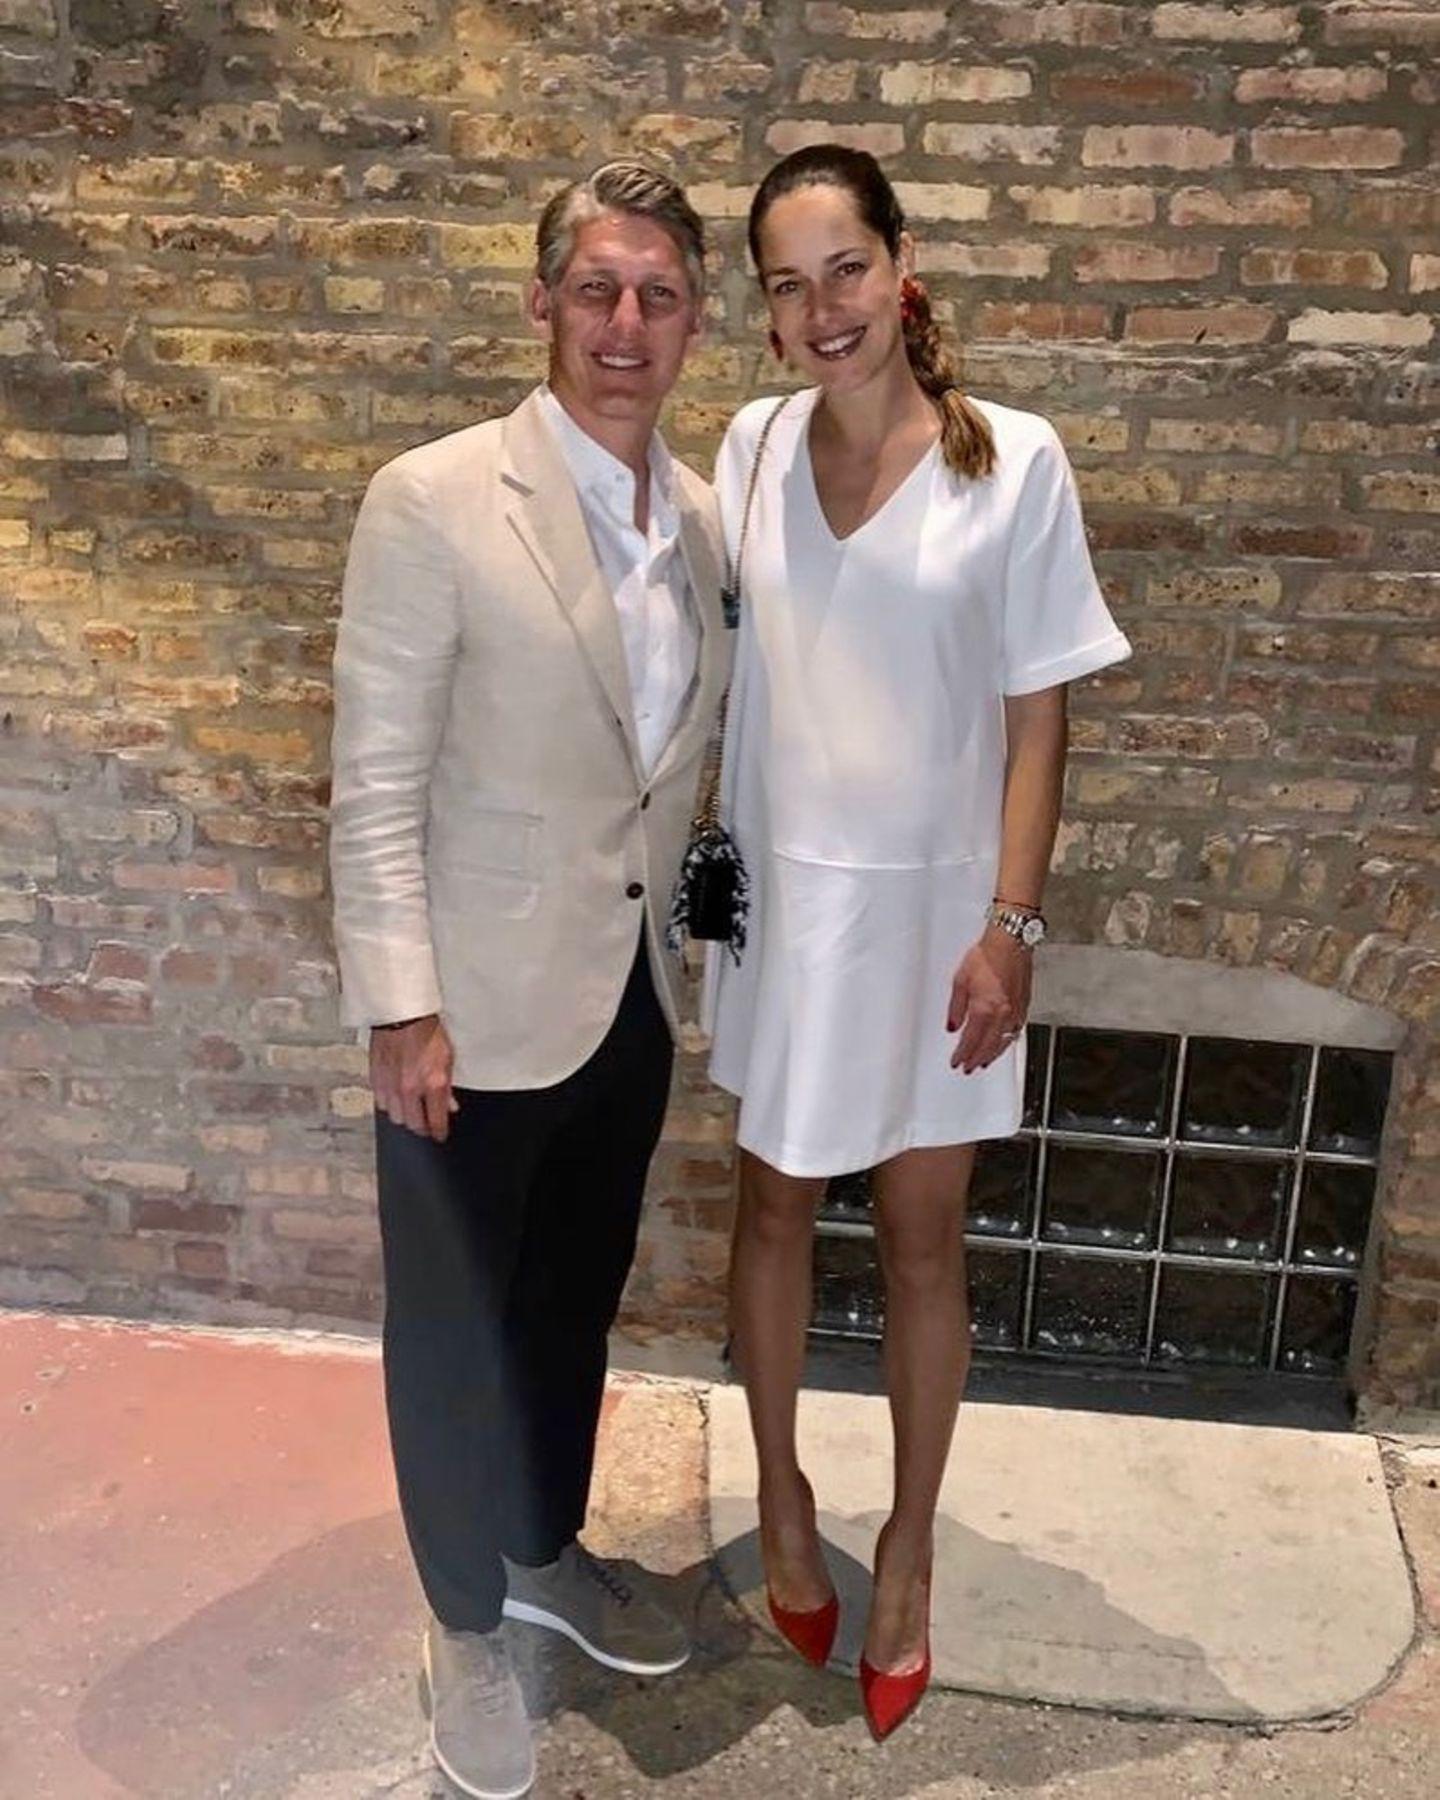 Zur Feier des 35. Geburtstags ihres Mannes, Bastian Schweinsteiger, hat sich Ana Ivanovic besonders hübsch gemacht. Zu knallroten Pumps kombiniert sie ein schlichtesweißes Kleid, unter dem sie ihren Babybauch versteckt – das Paar erwartet 2019 sein zweites Kind. Stilvoll ergänzt Anaihren klassischen Look mit einer schwarzen Handtasche und hat die Haare zu einem eleganten Zopf geflochten. Welch ein schöner Schwangeren-Style!